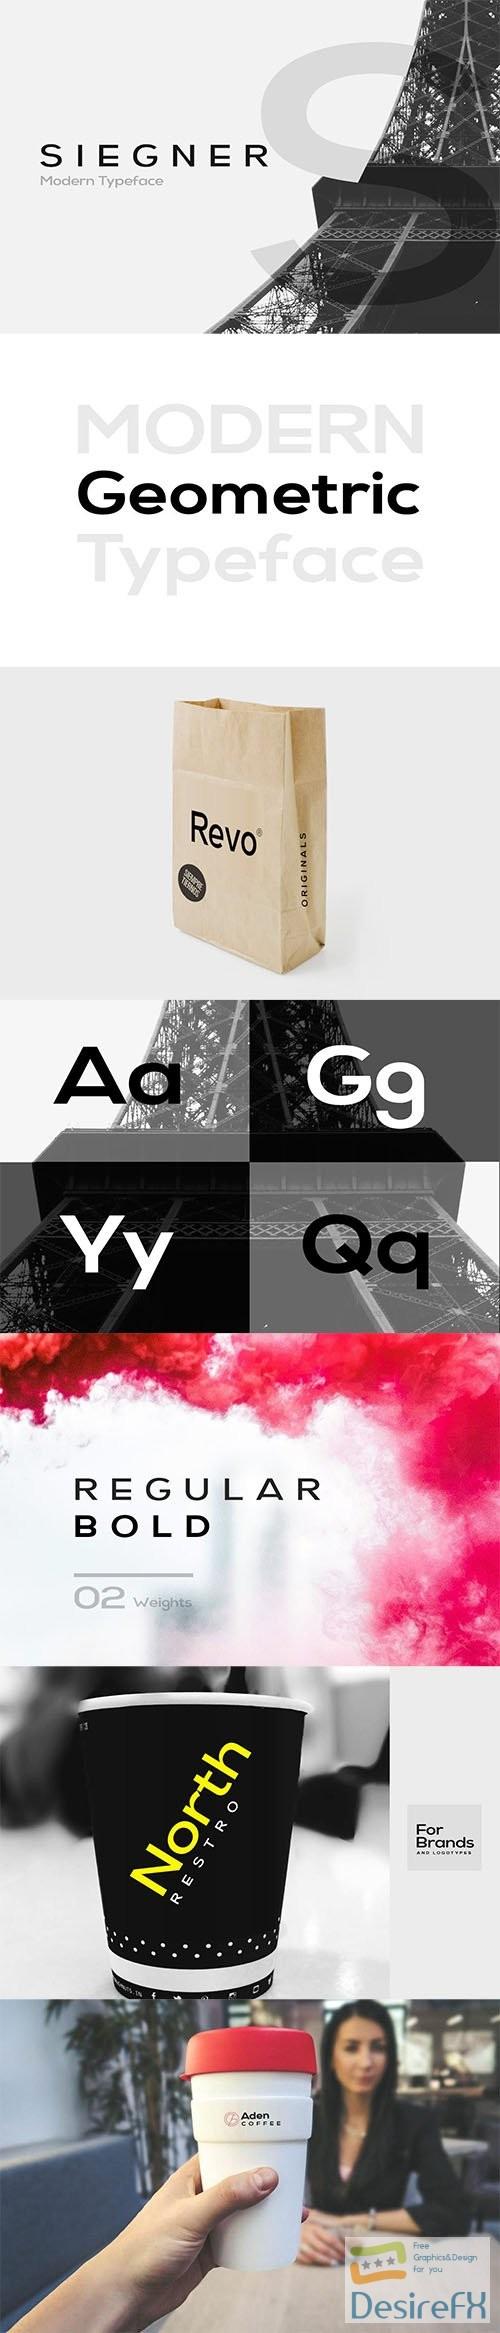 fonts - SIEGNER - Modern Typeface + WebFont 2743426